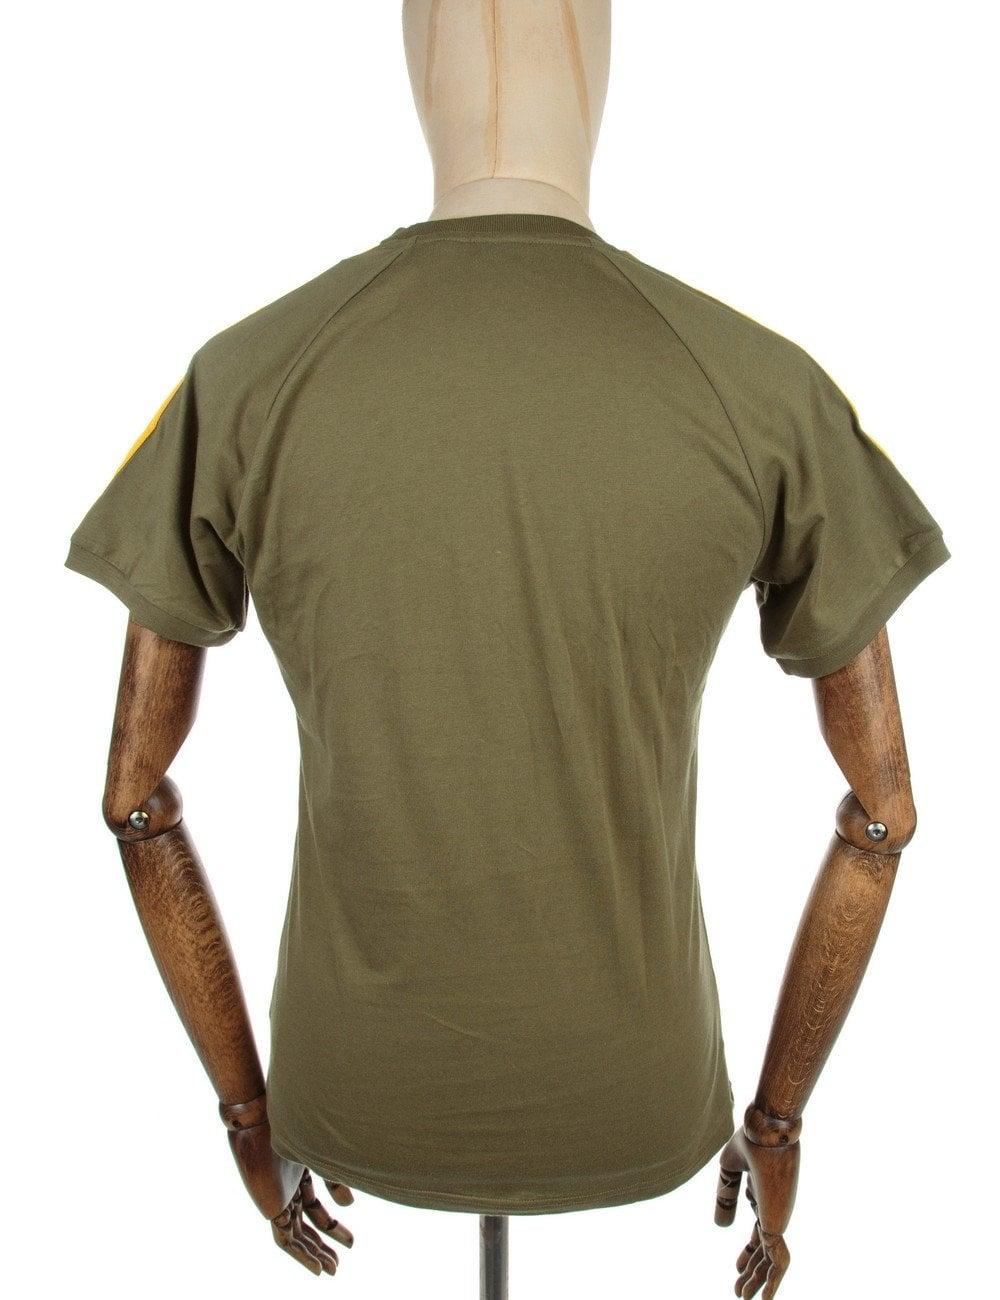 e7e38fc23 Adidas Originals Retro Trefoil Logo T-shirt - Olive Cargo - Clothing ...